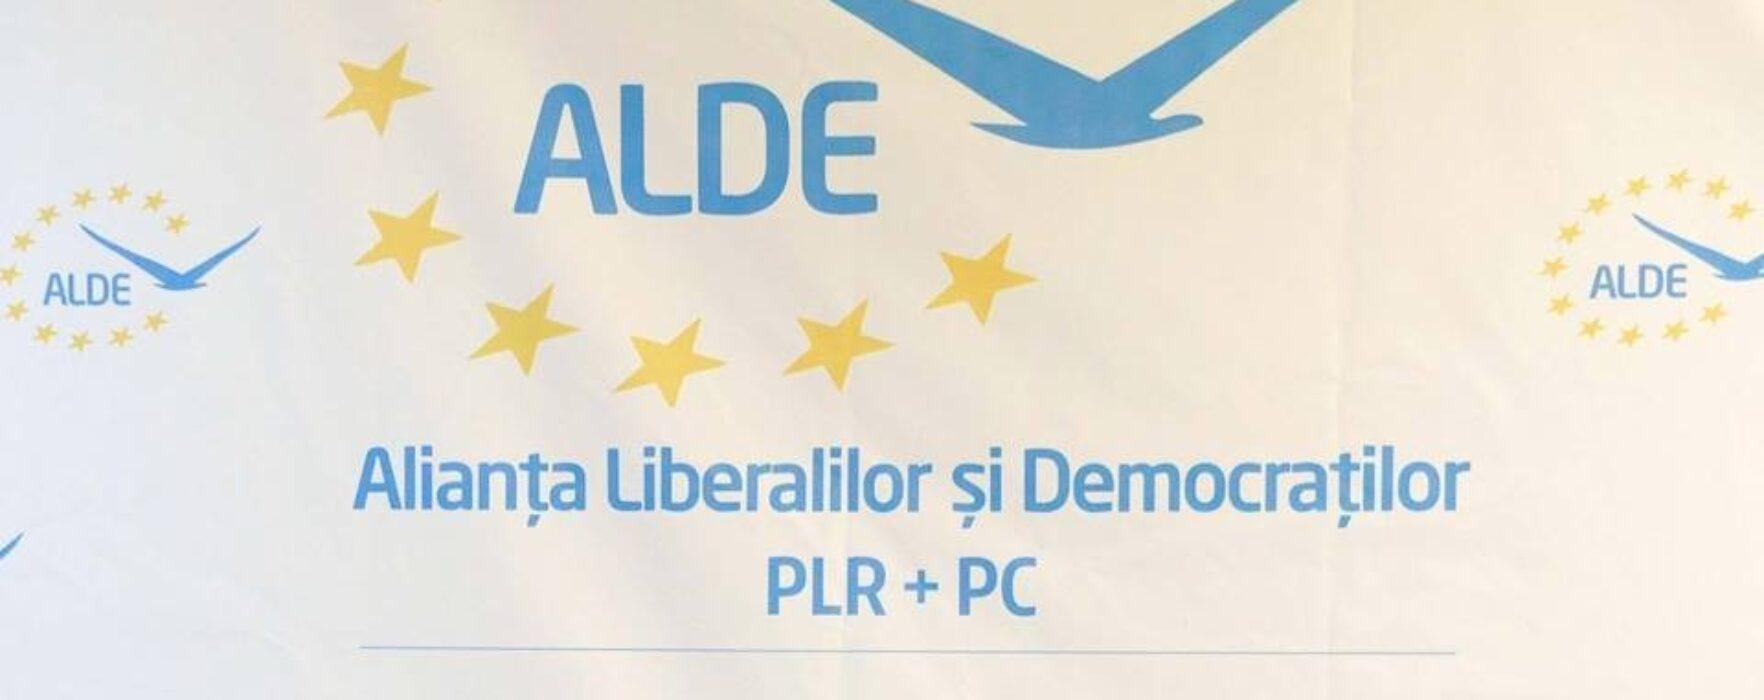 ALDE Dâmboviţa a depus lista candidaţilor pentru consiliul judeţean; Georgică Dumitru deschide lista